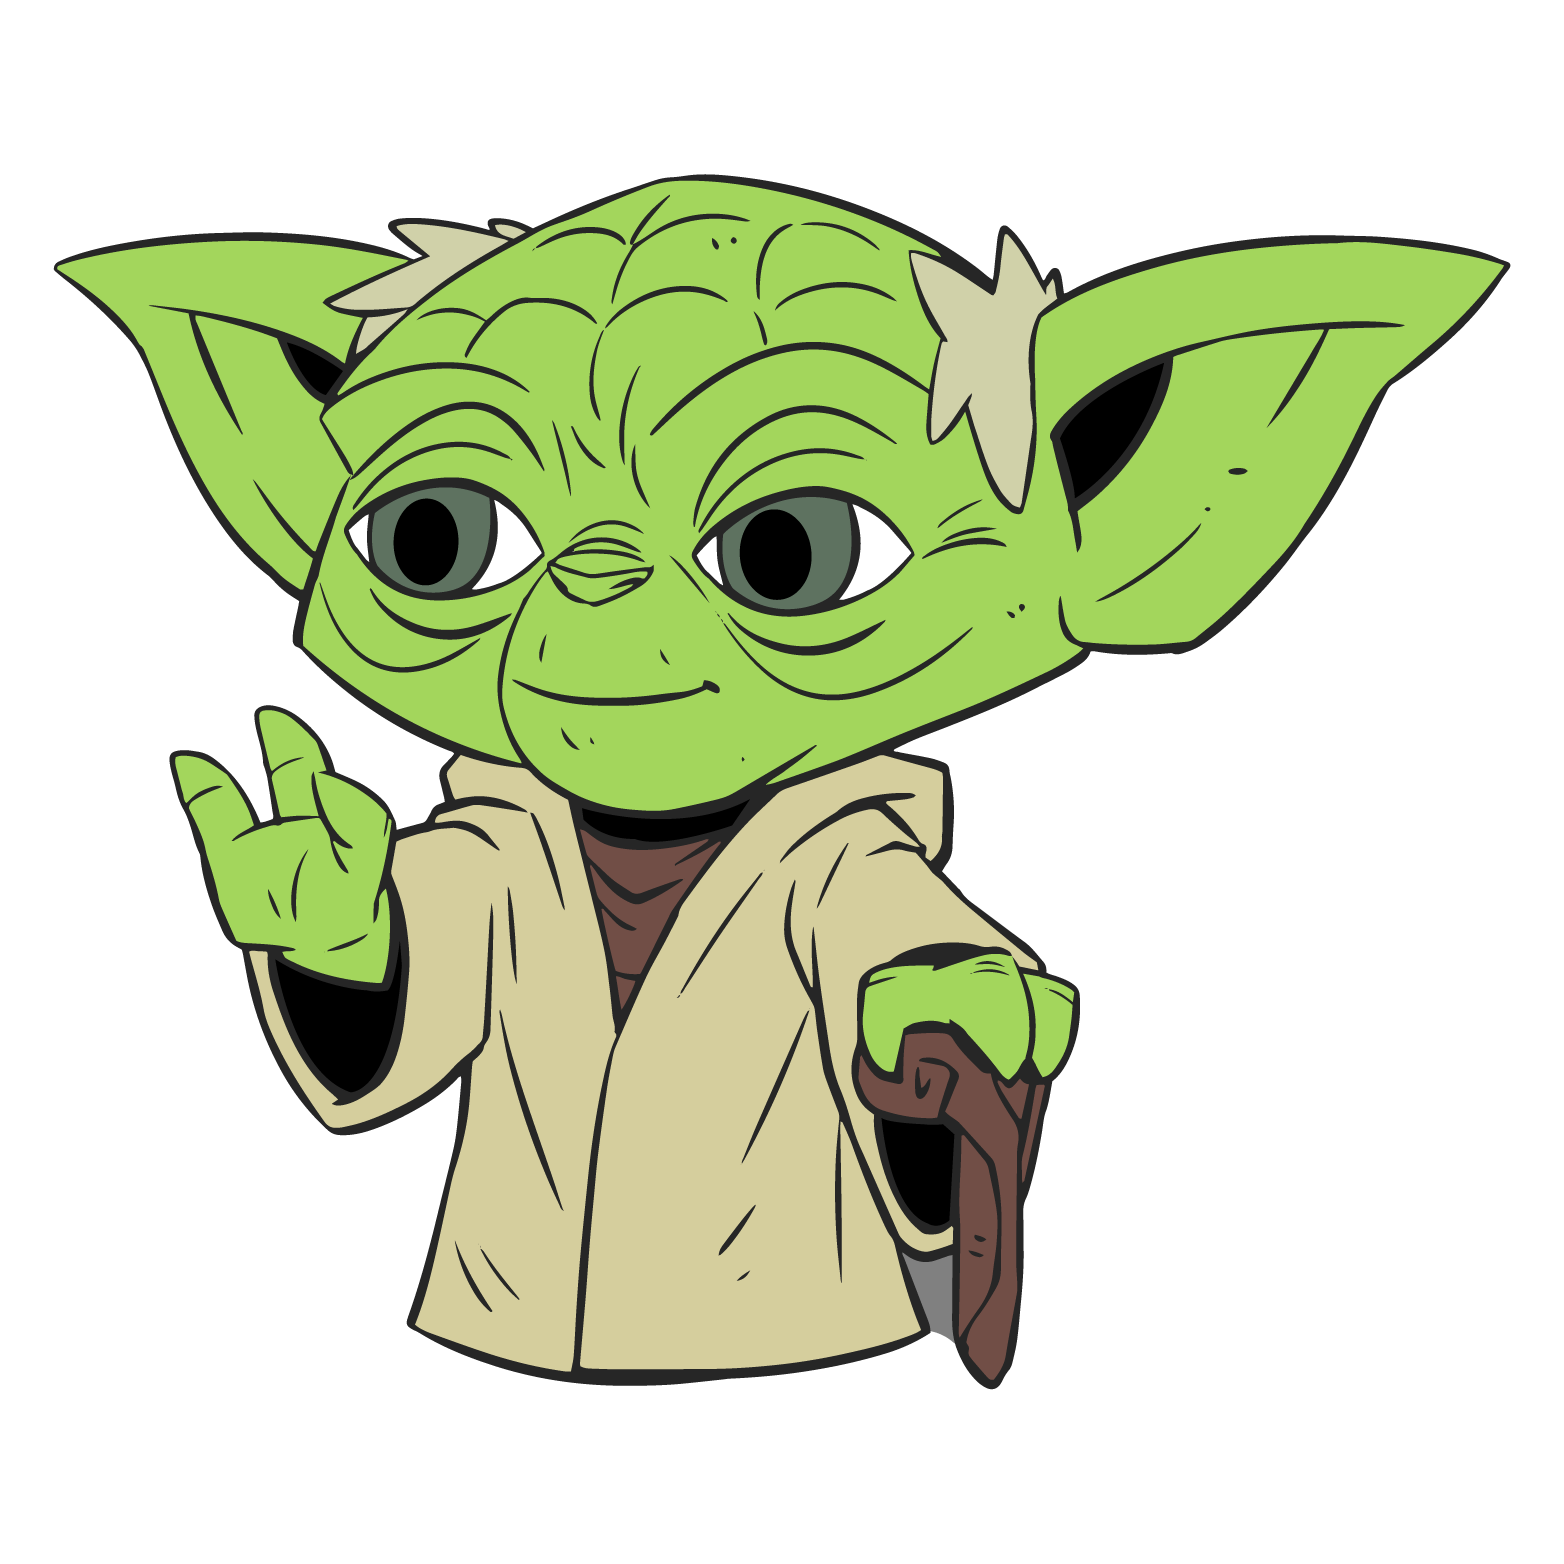 Yoda Clipart Cliparts Galleries Clip art, Yoda clipart